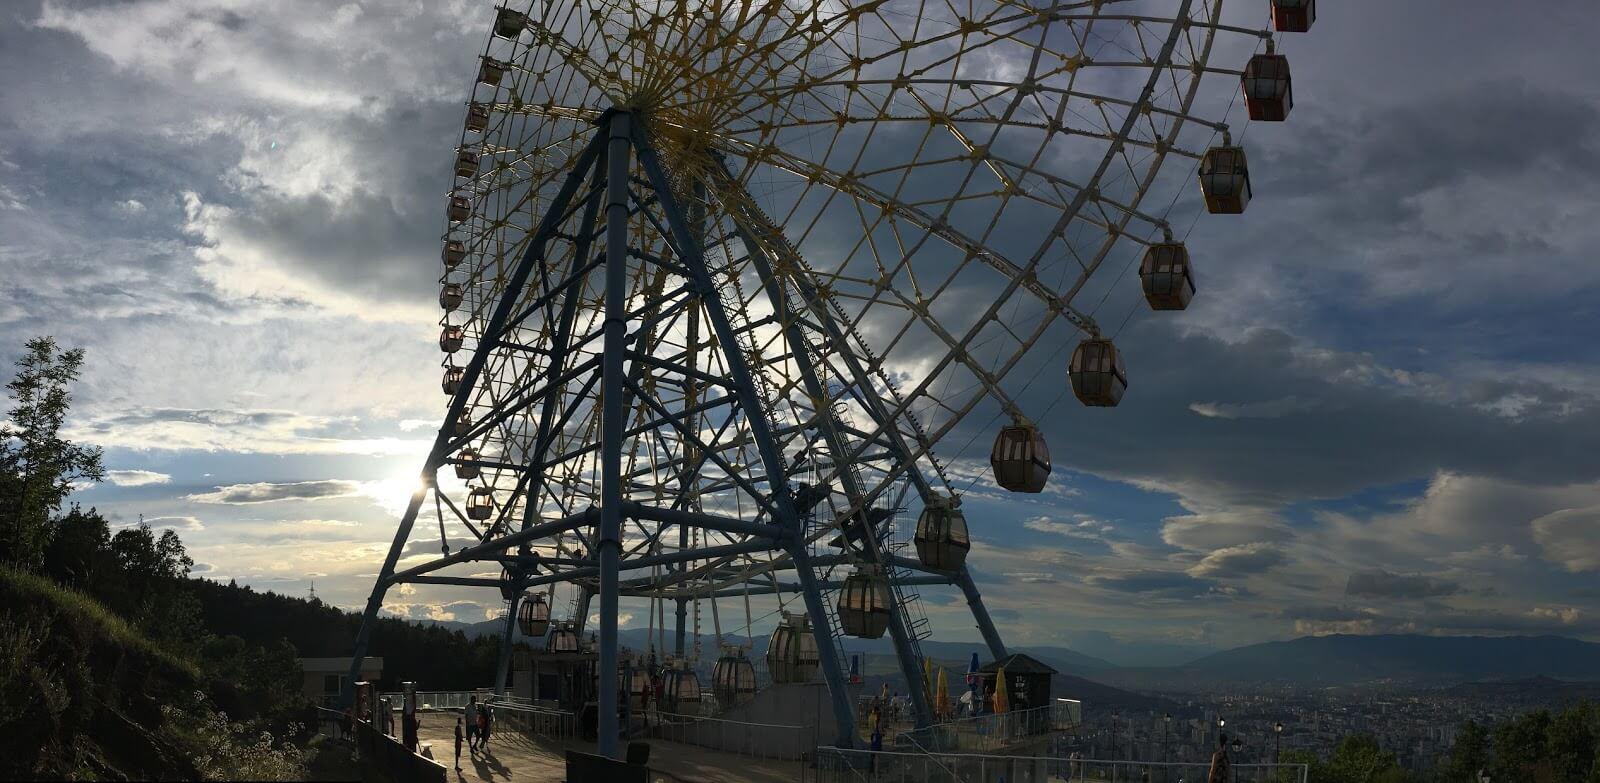 Ferris Wheel at Mtatsminda Park in Georgia